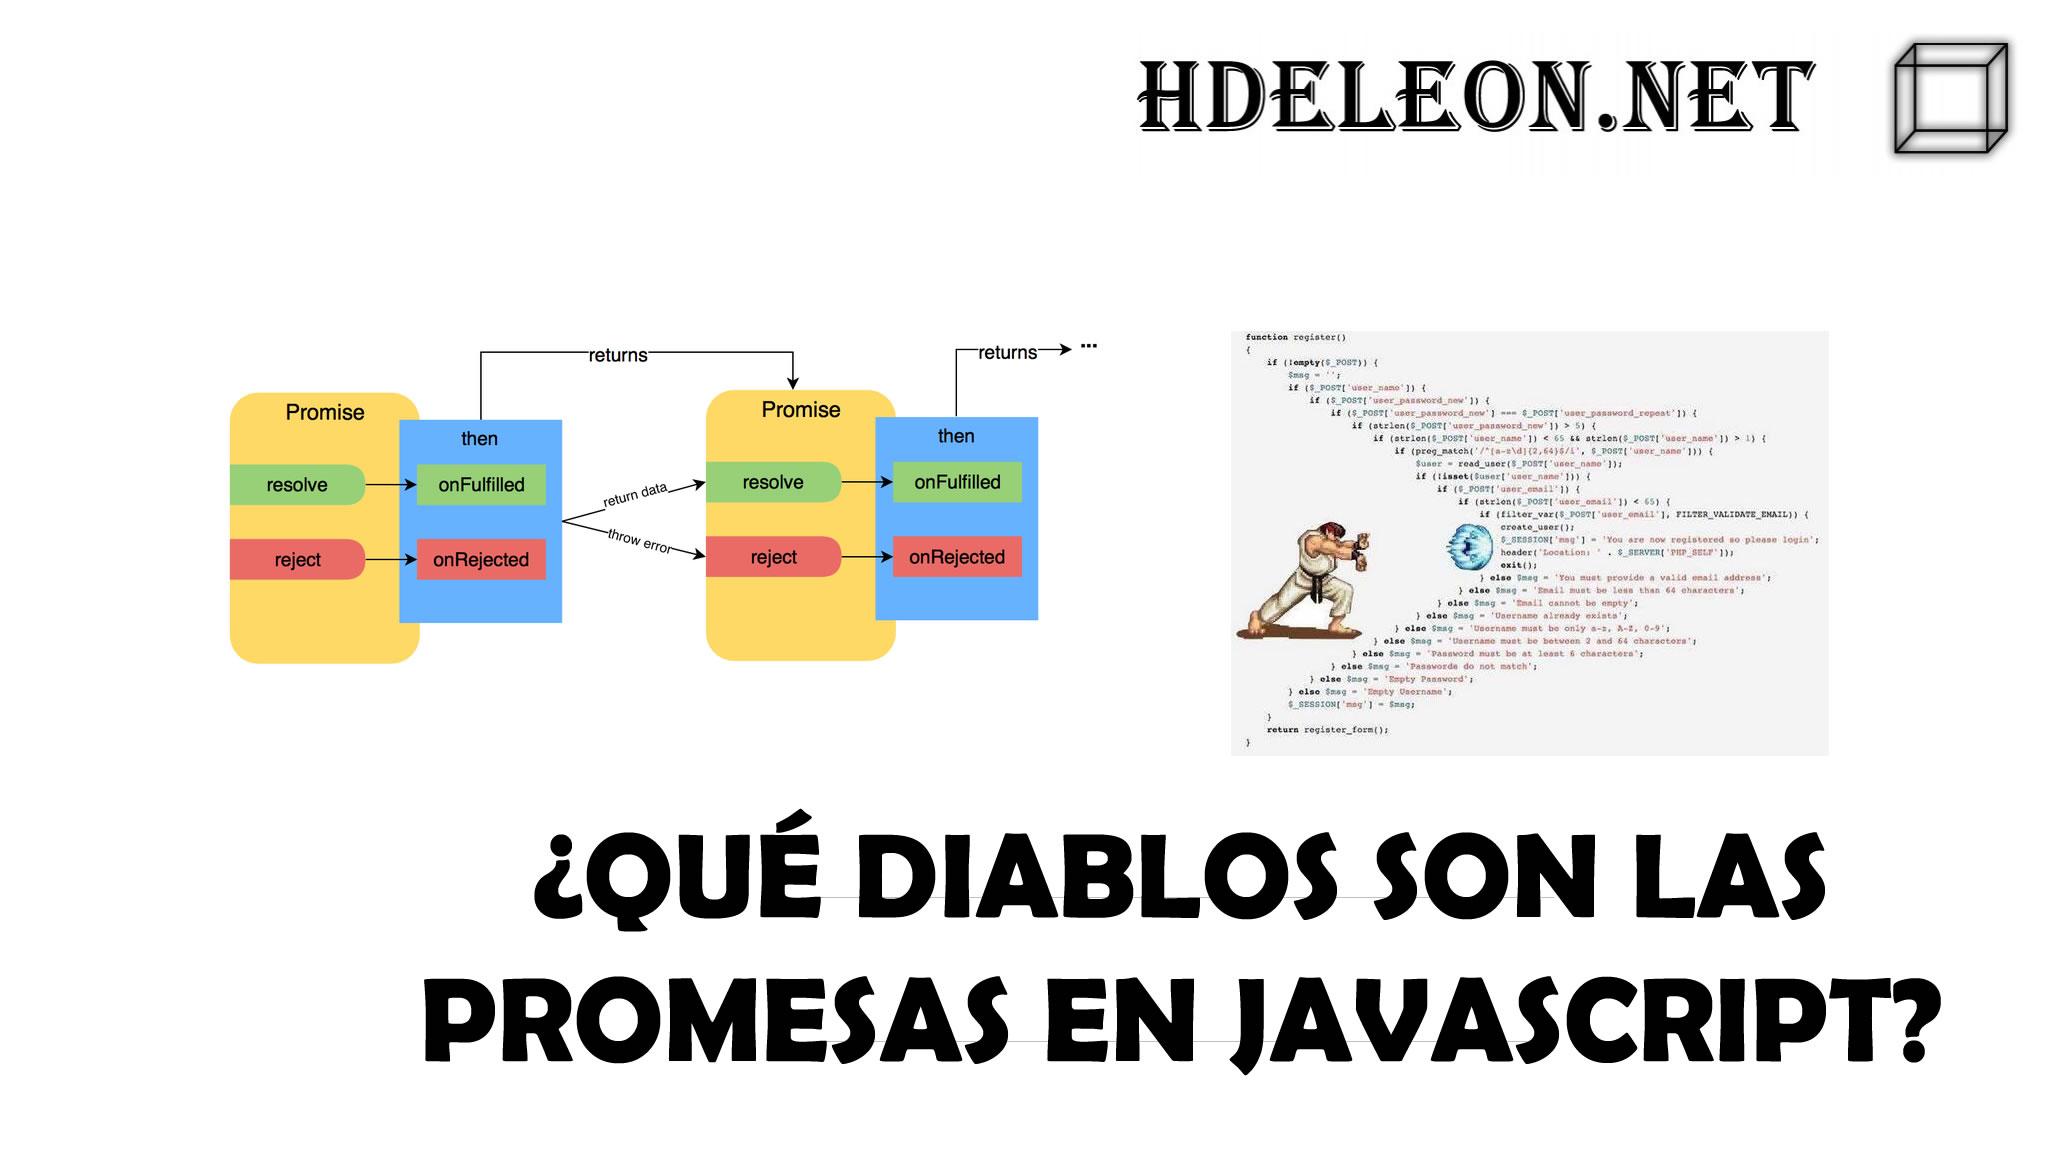 ¿Qué diablos son las promesas en javascript? ejemplo práctico